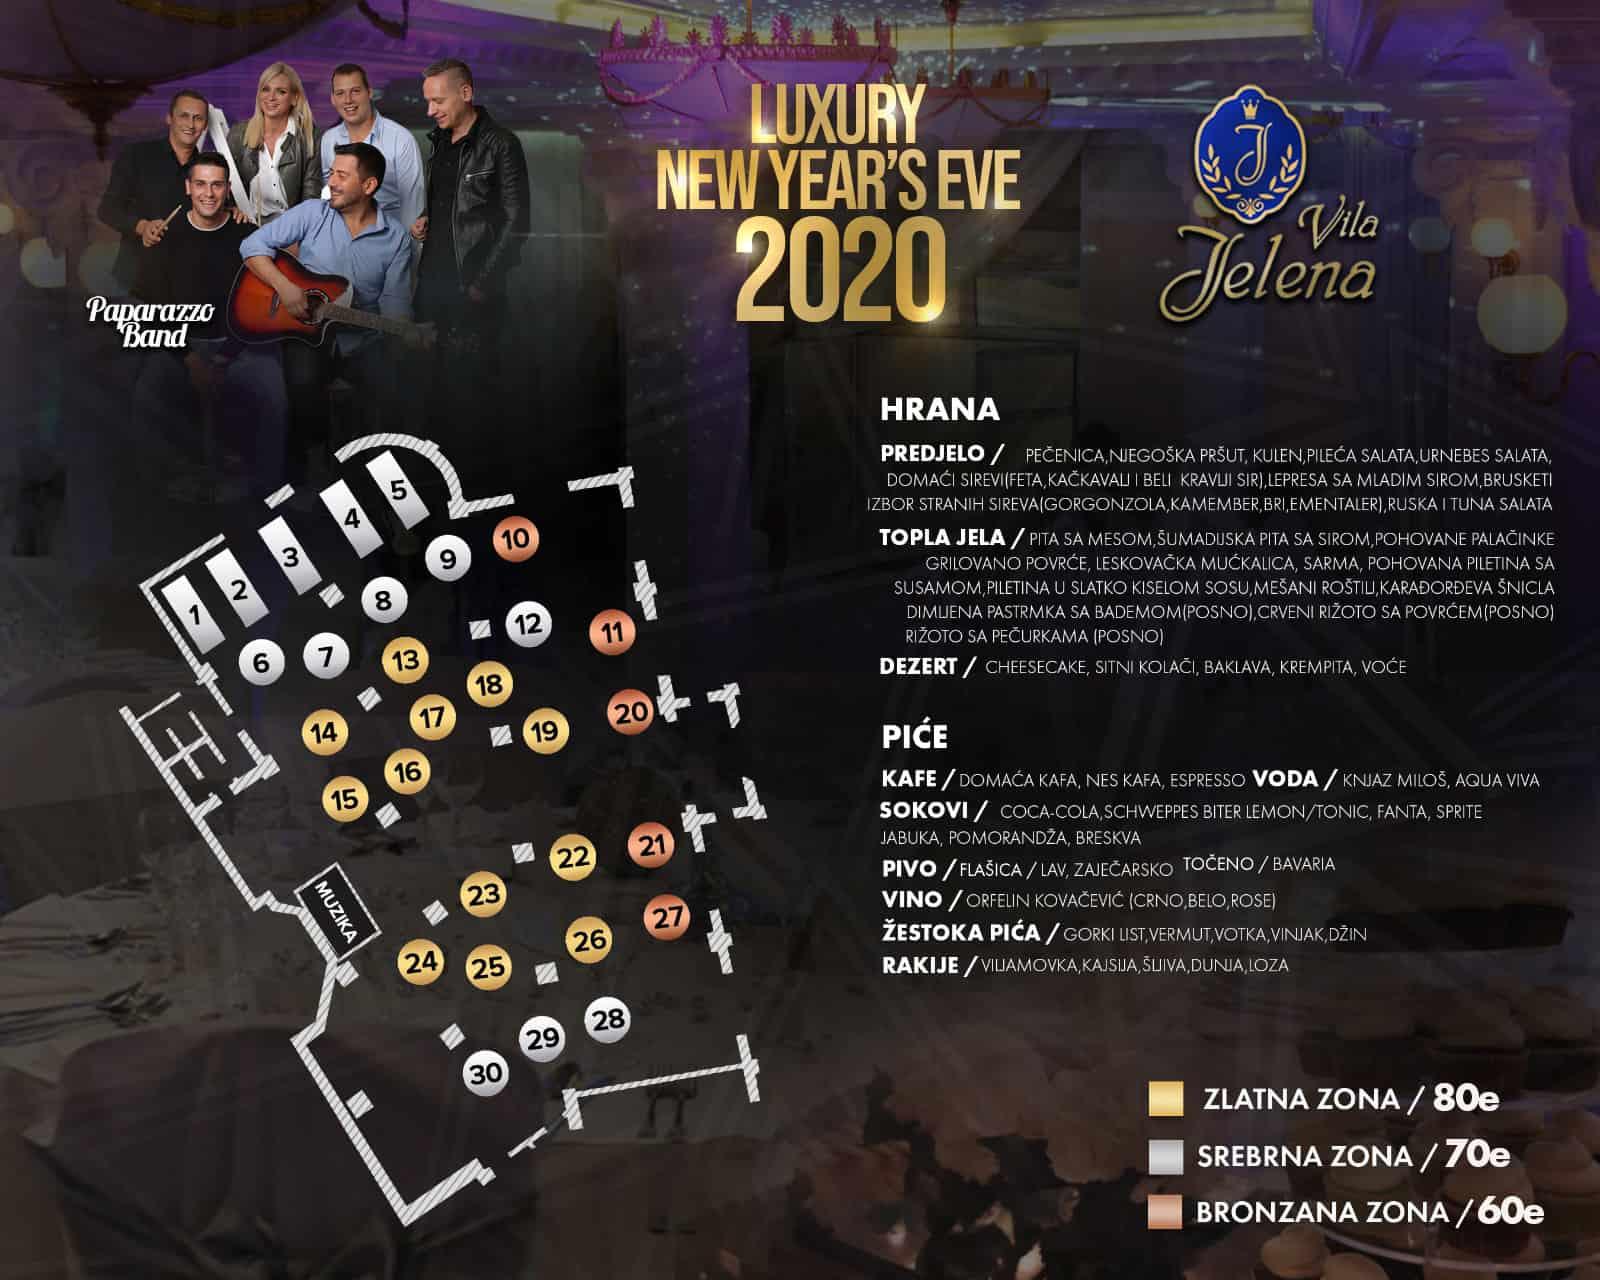 Docek Nove godine Beograd 2020 Vila Jelena mapa